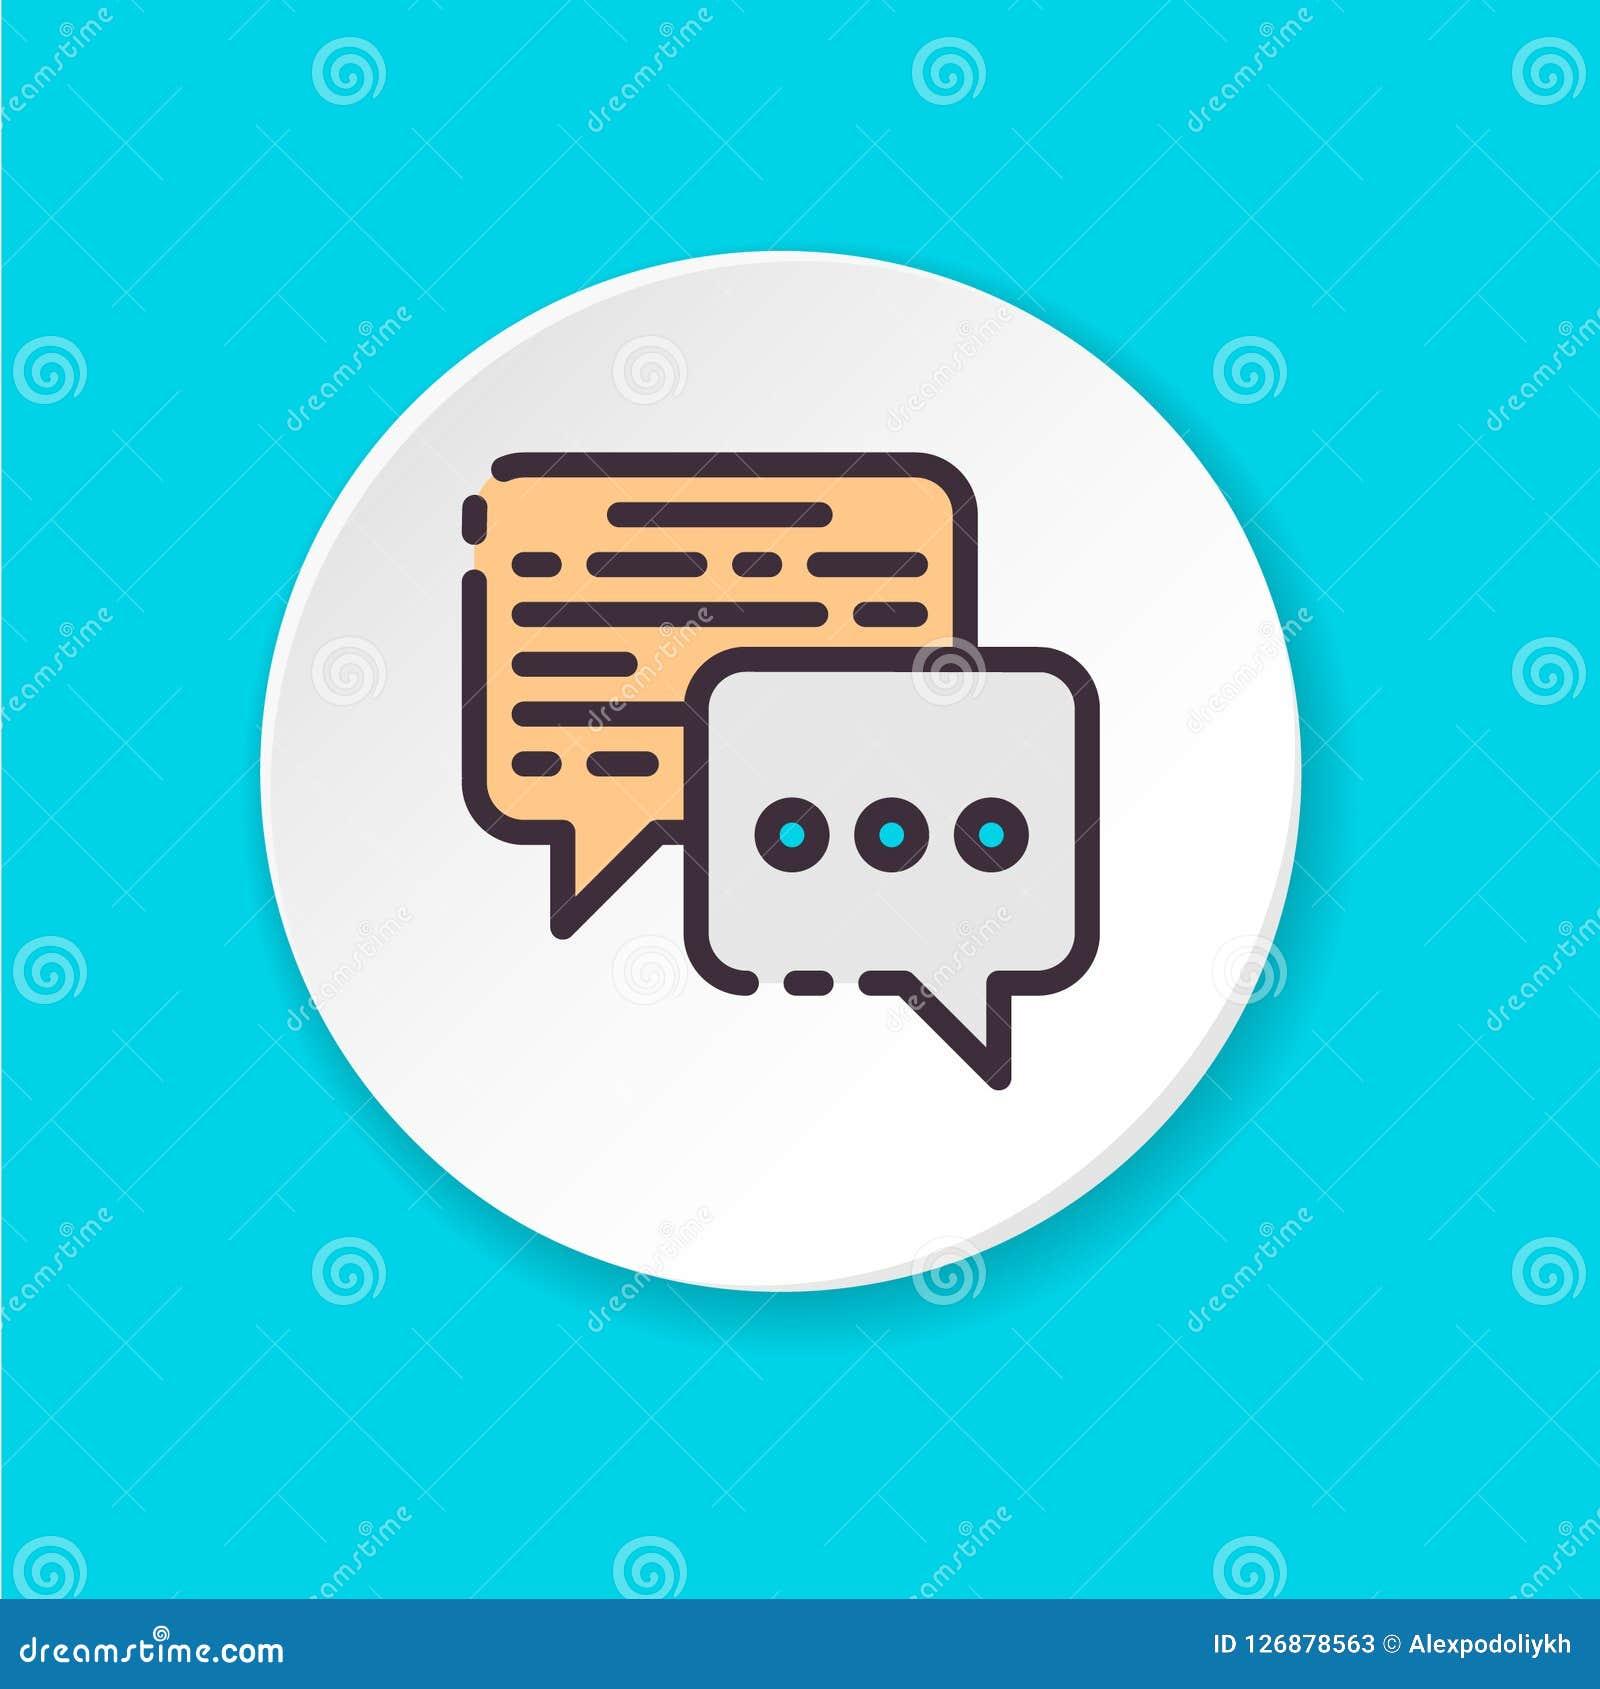 För symbolsaffär för vektor plan konversation Knapp för rengöringsduken eller mobilen app